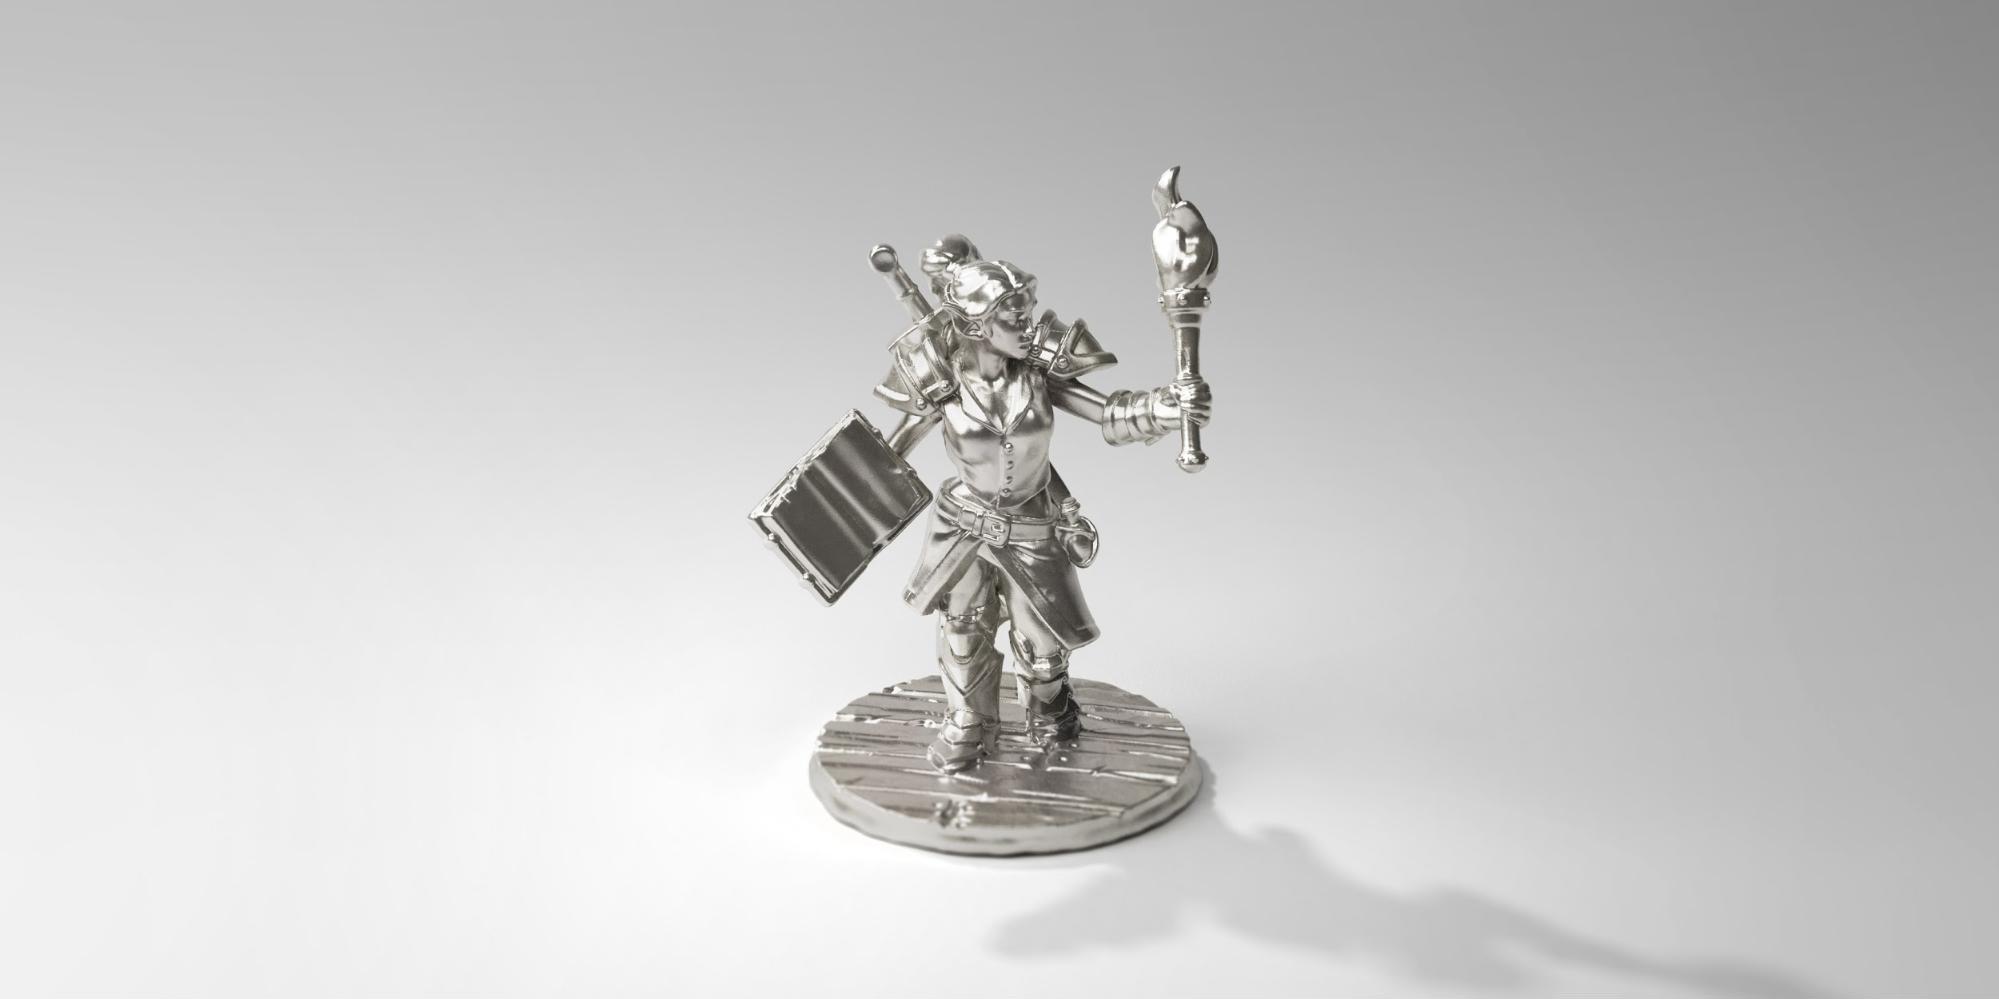 Cette figurine d'explorateur coûte 6,50 € d'étain.